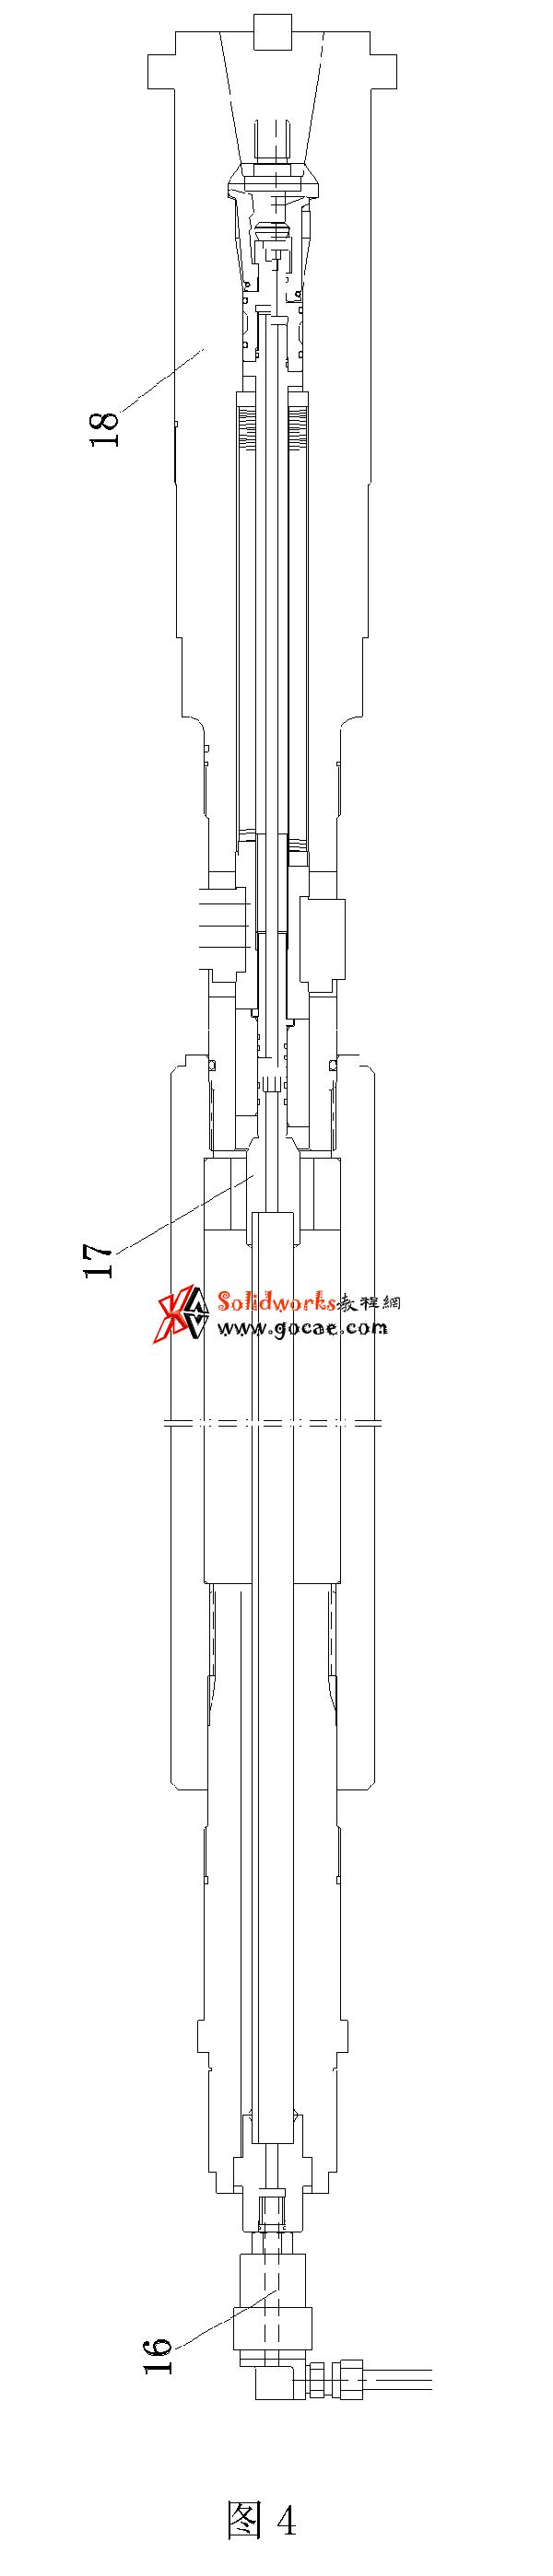 介绍一种数控龙门机床用的新型过滤冷却装置